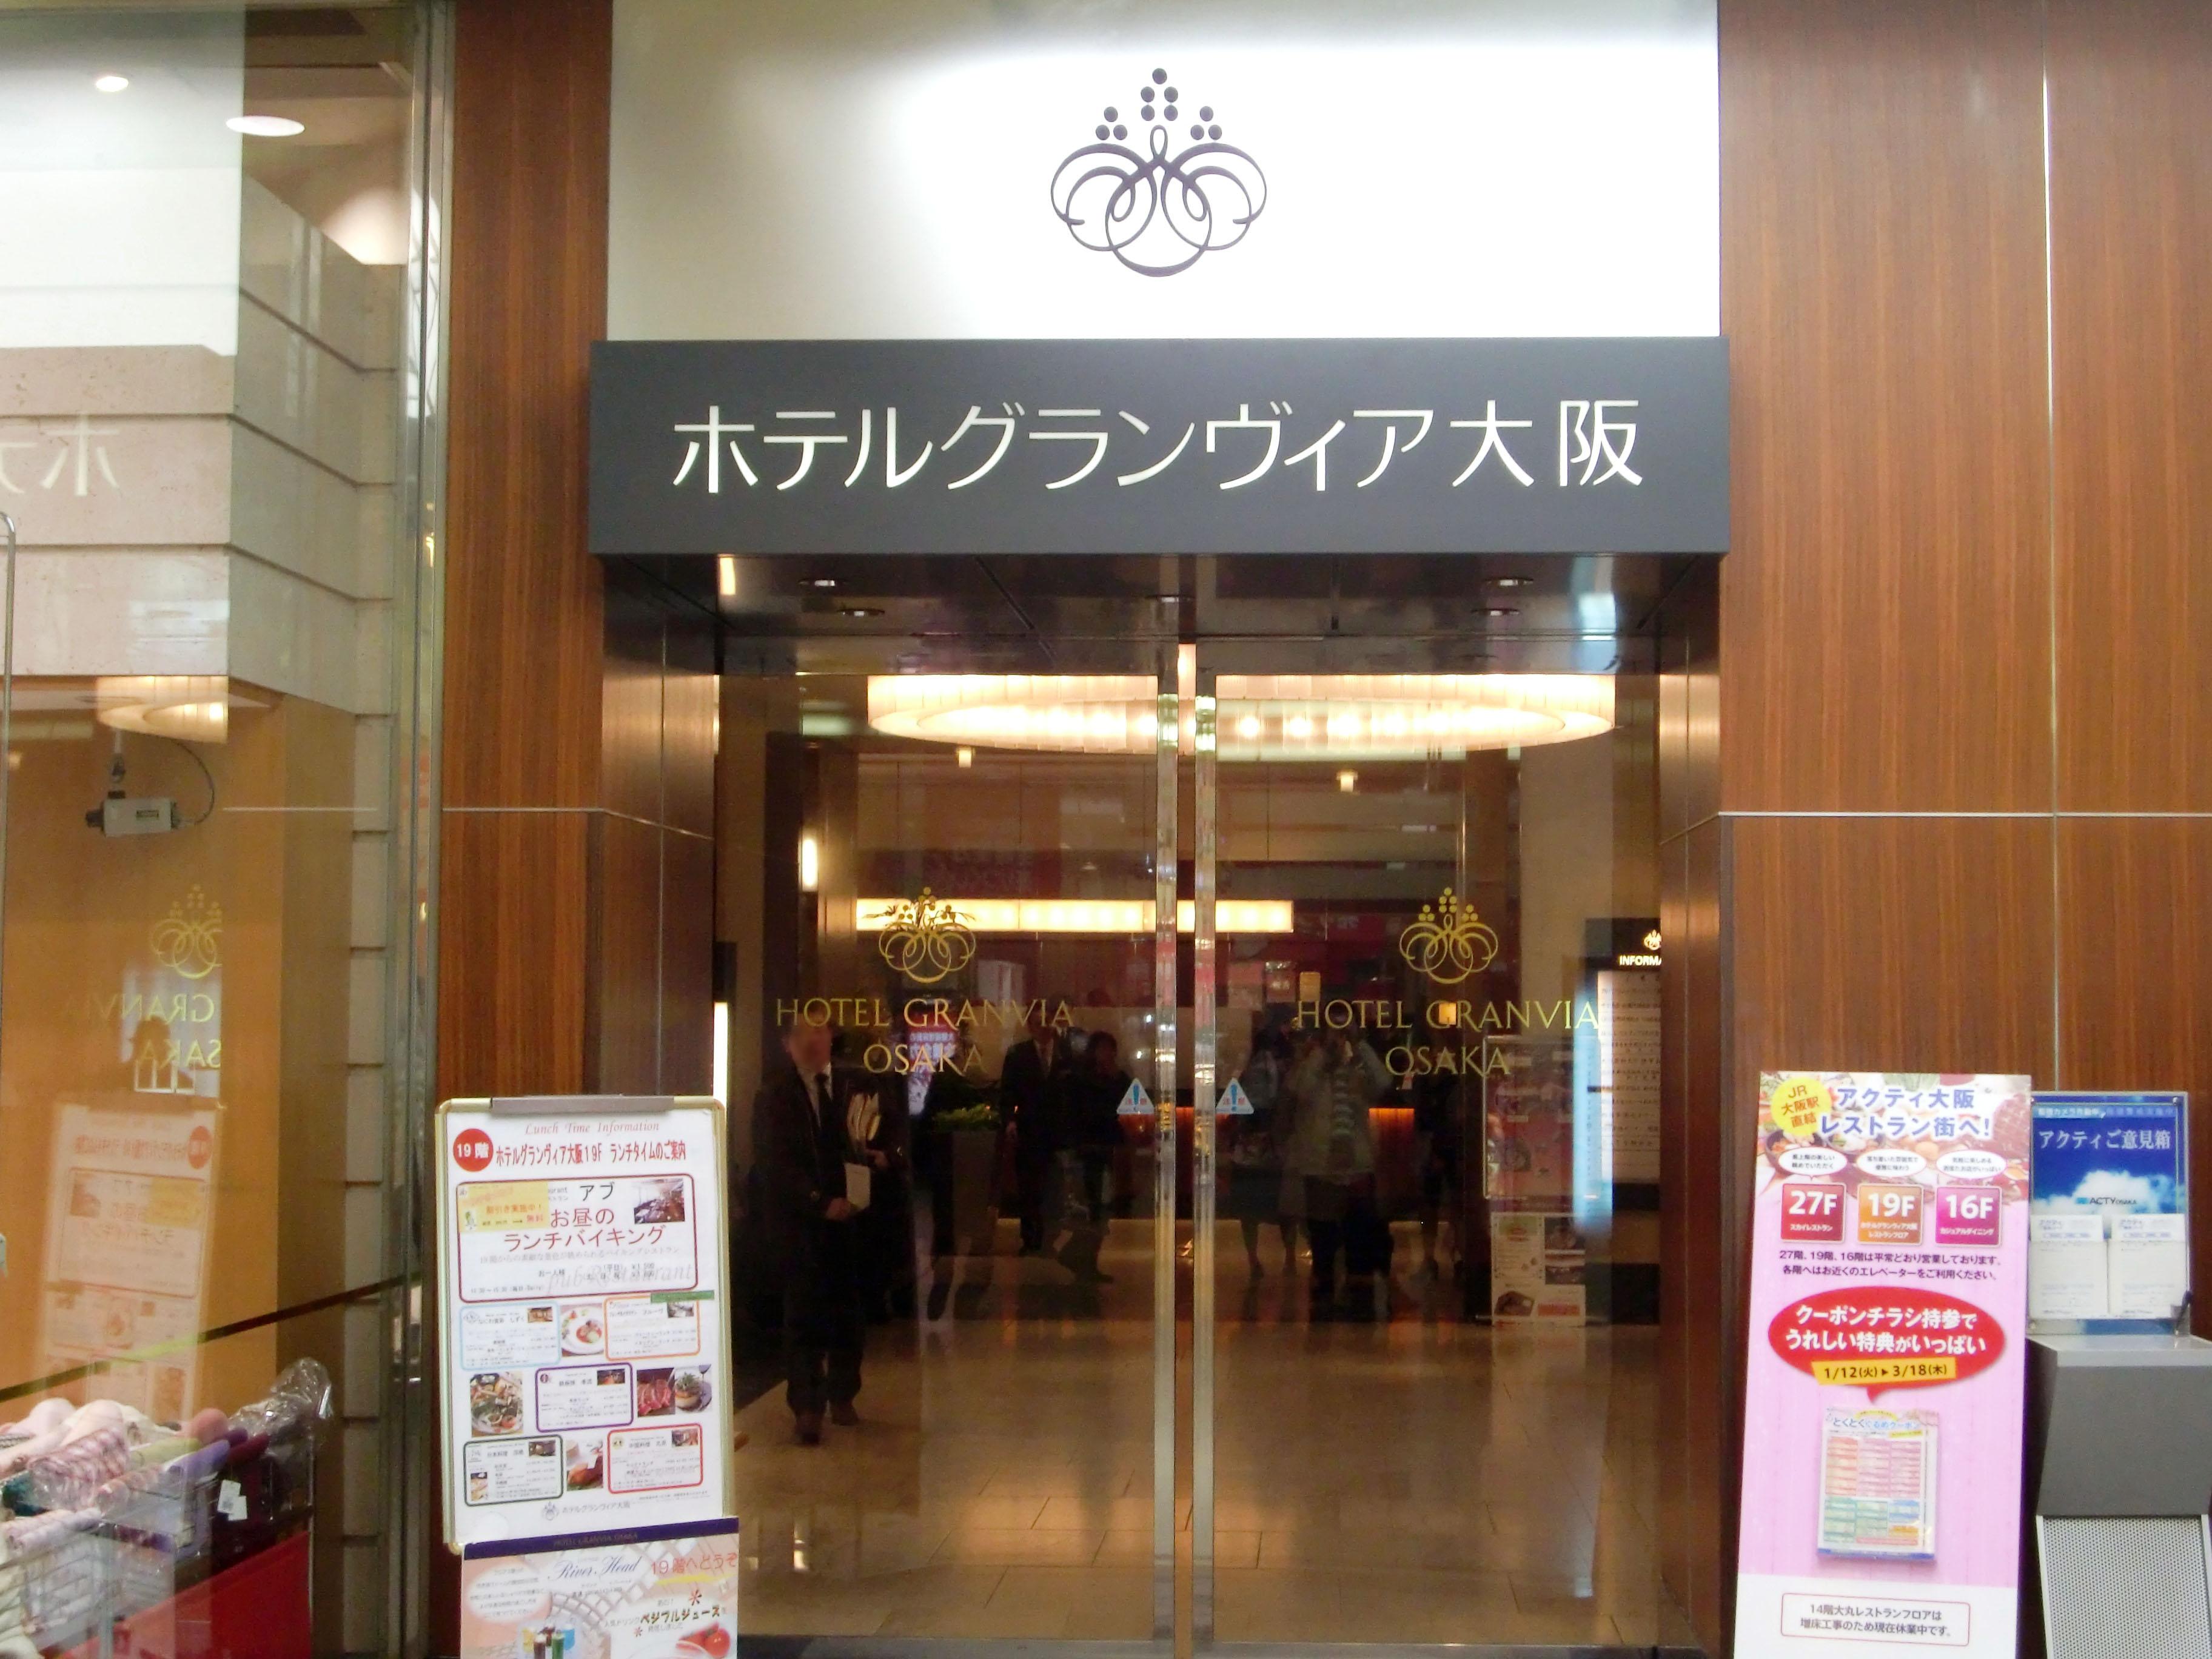 大阪格蘭比亞酒店-2